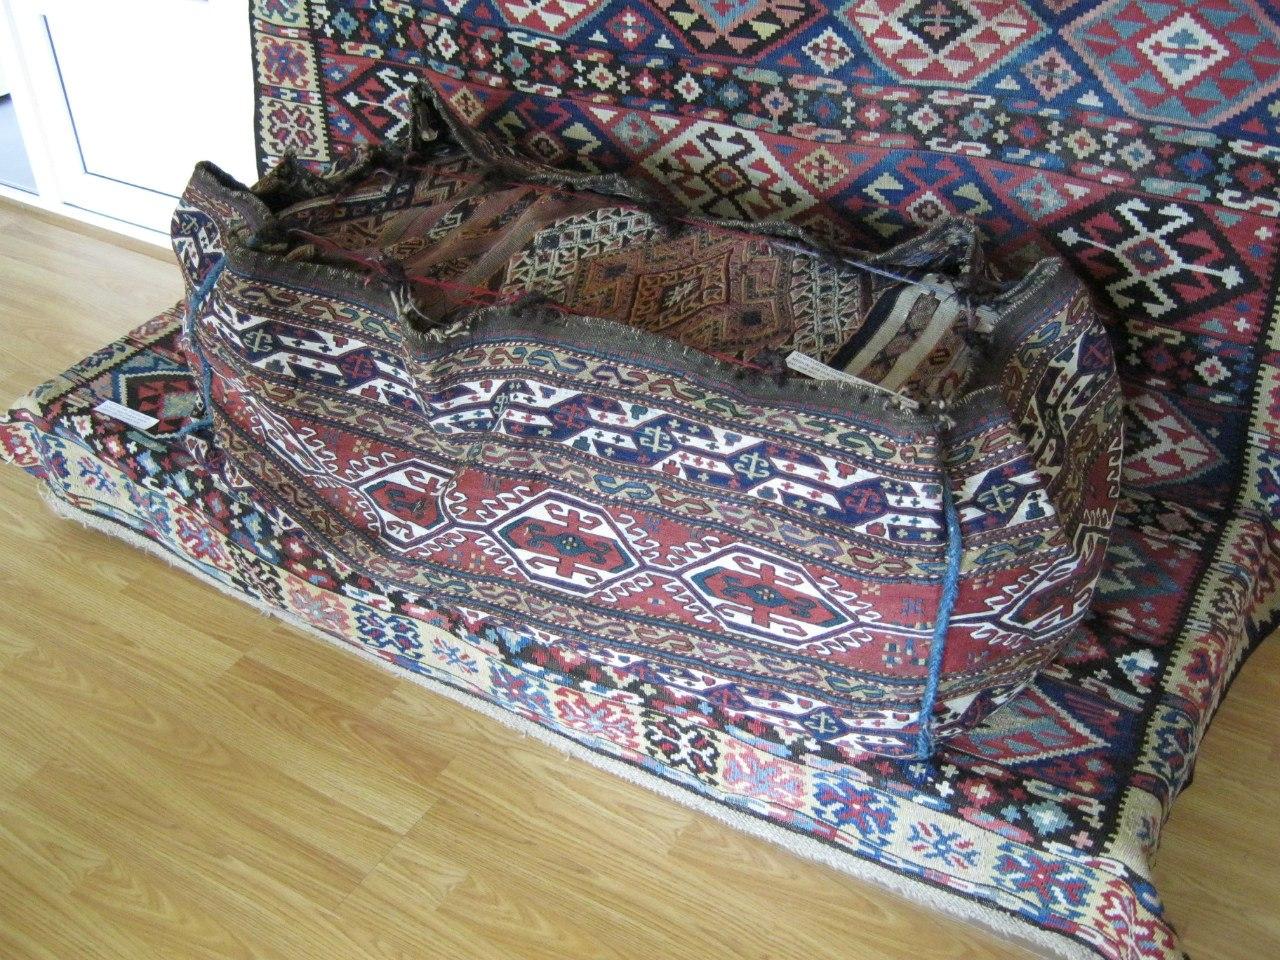 Старинный мешок для постели в музее Ванадзора